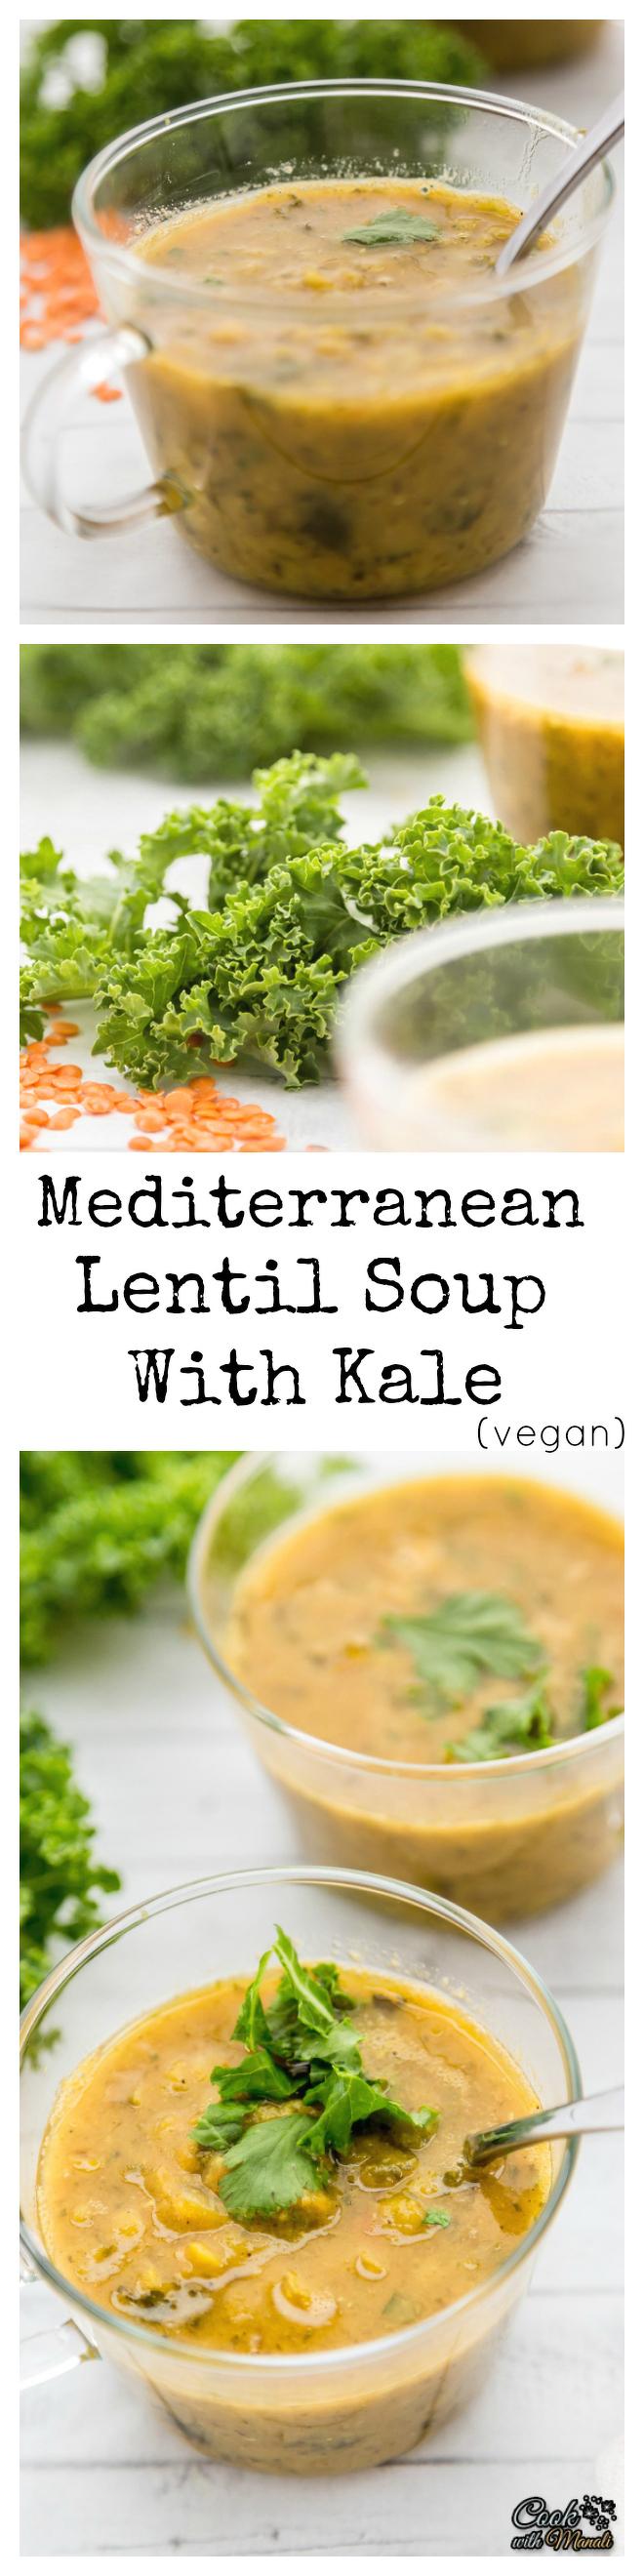 Mediterranean Lentil Soup with Kale Collage-nocwm